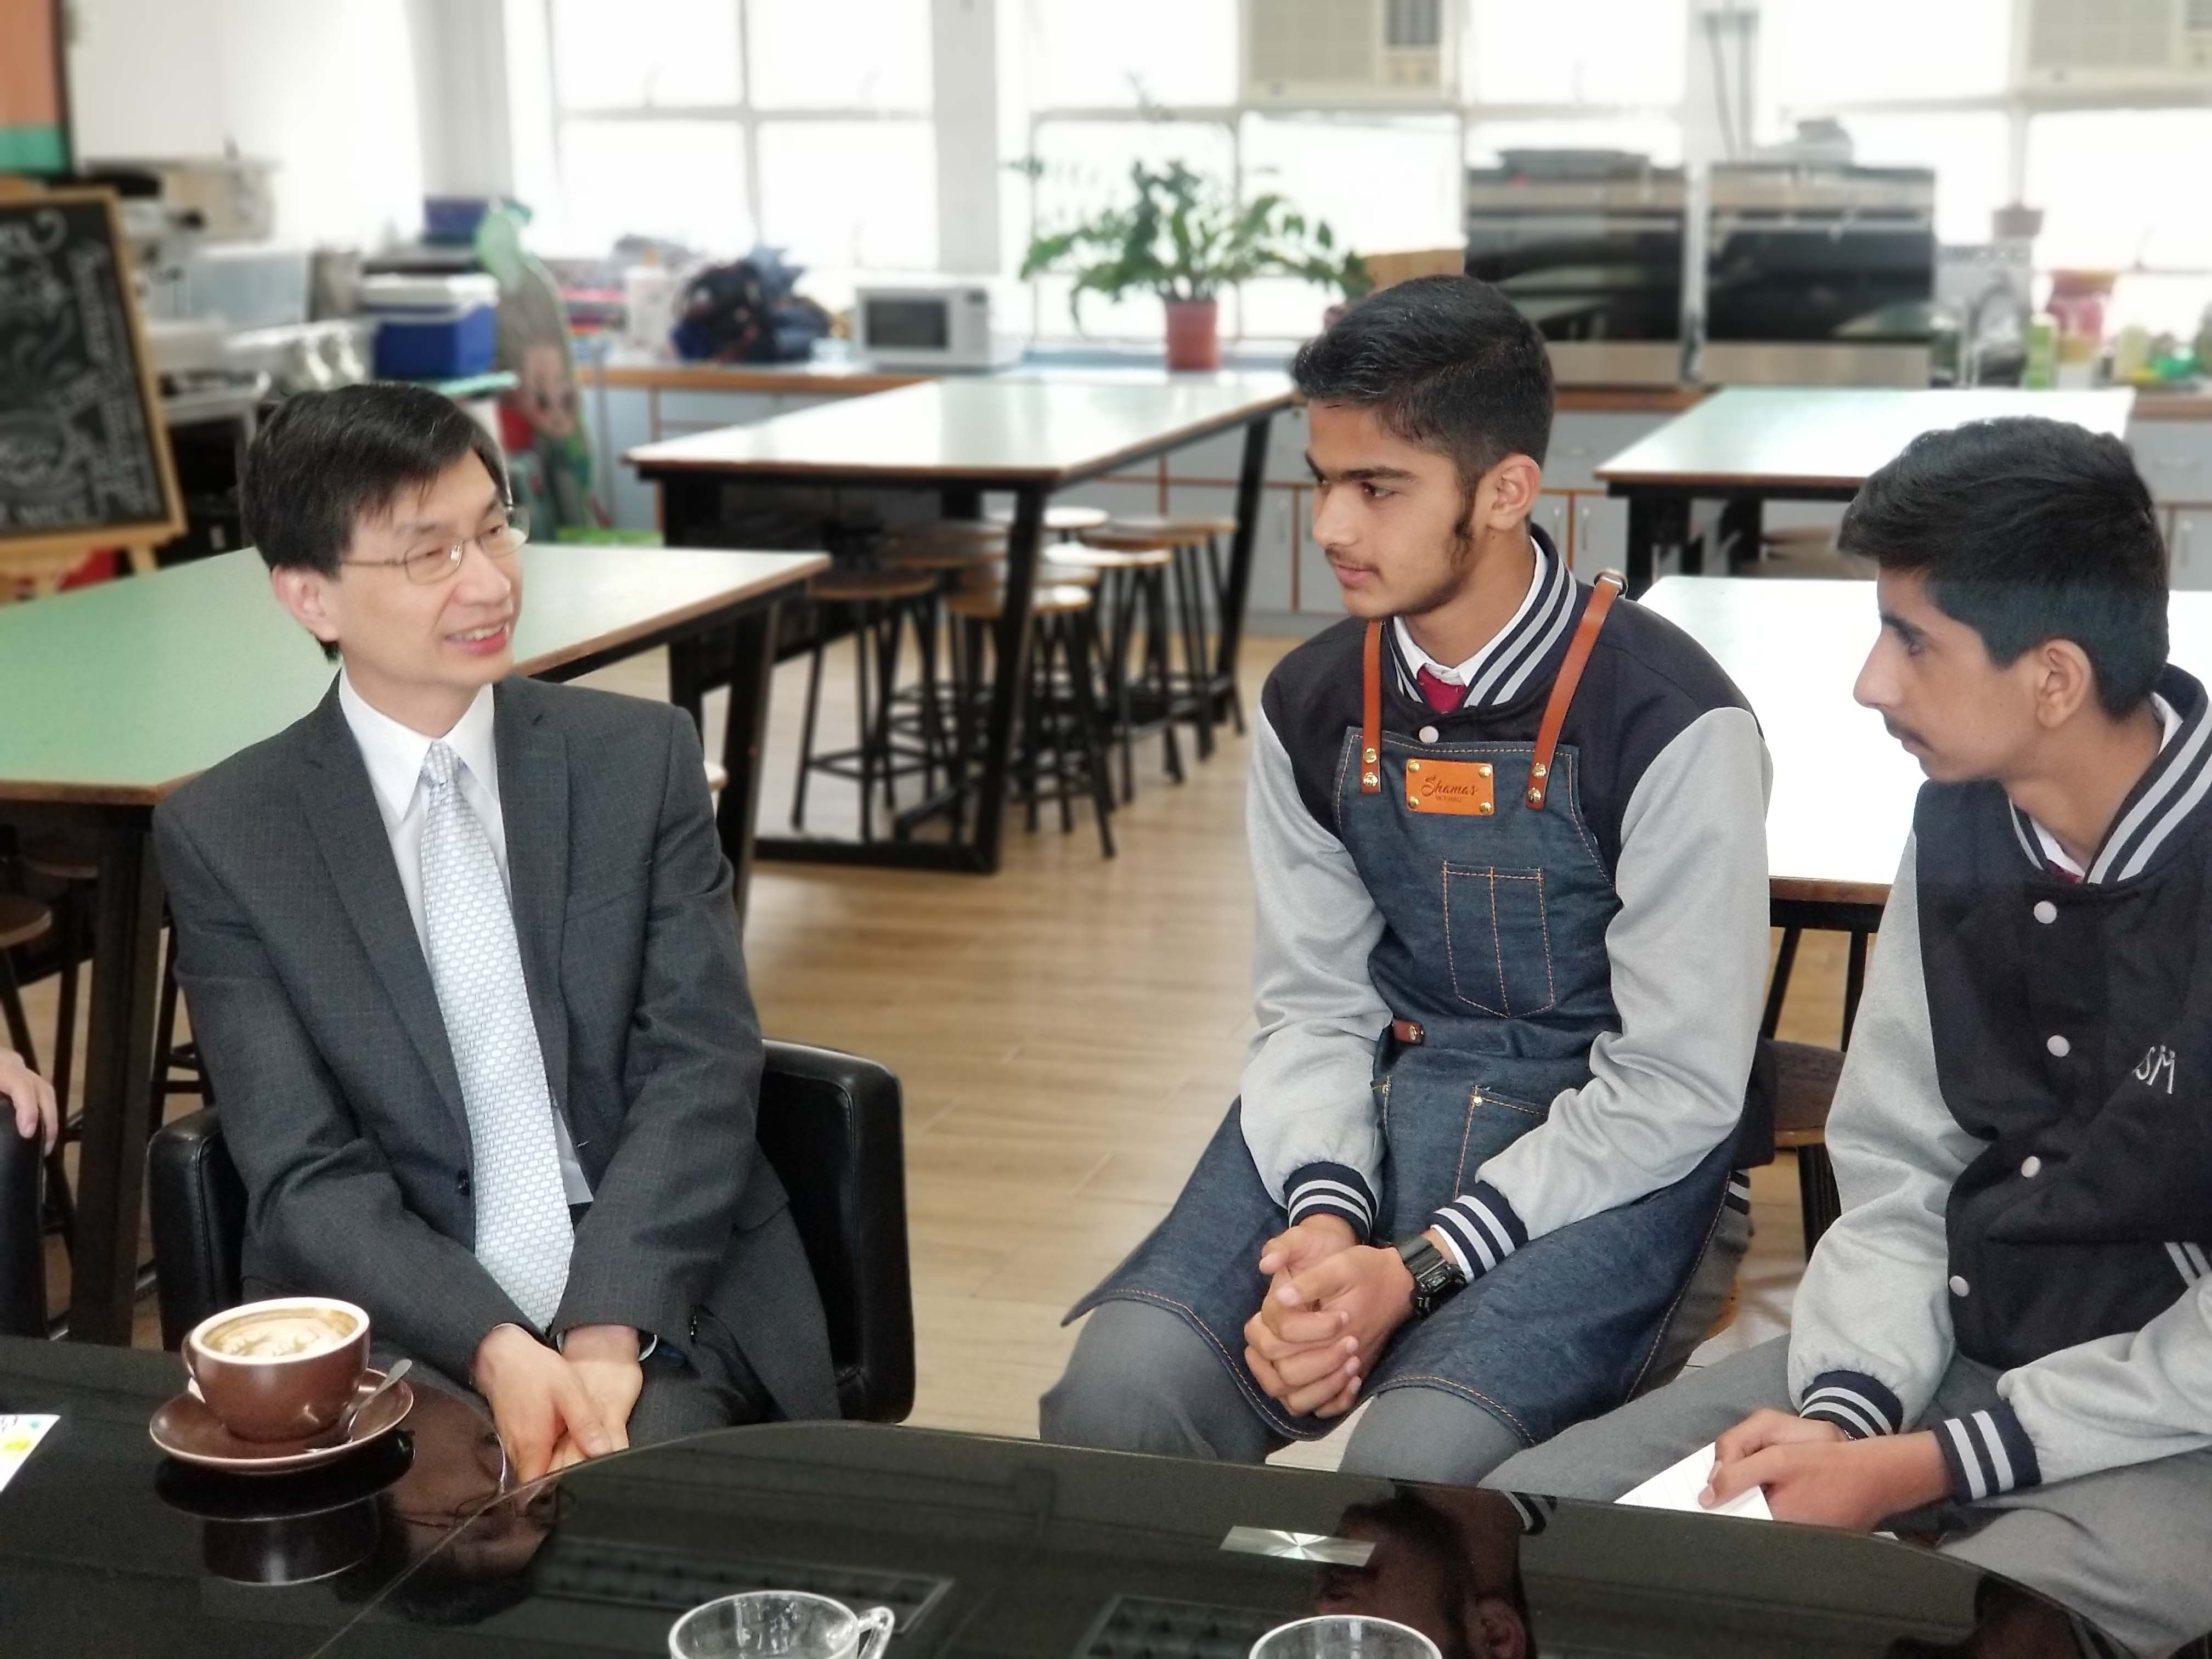 蔡海偉先生來訪的相片